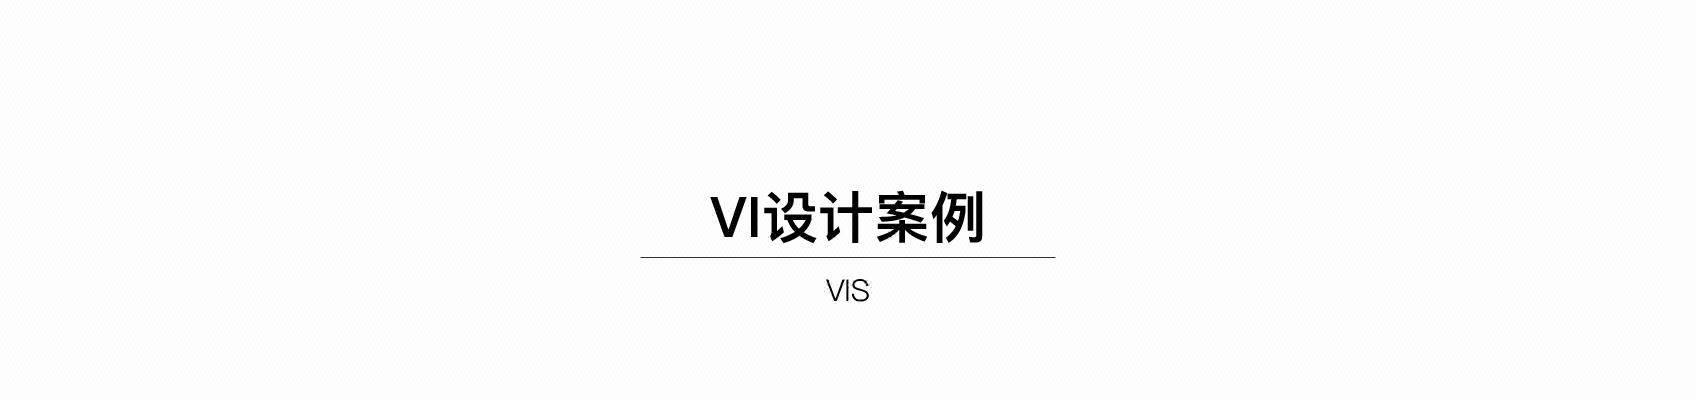 LOGO_字体设计文字logo公司企业品牌标志图标设计21